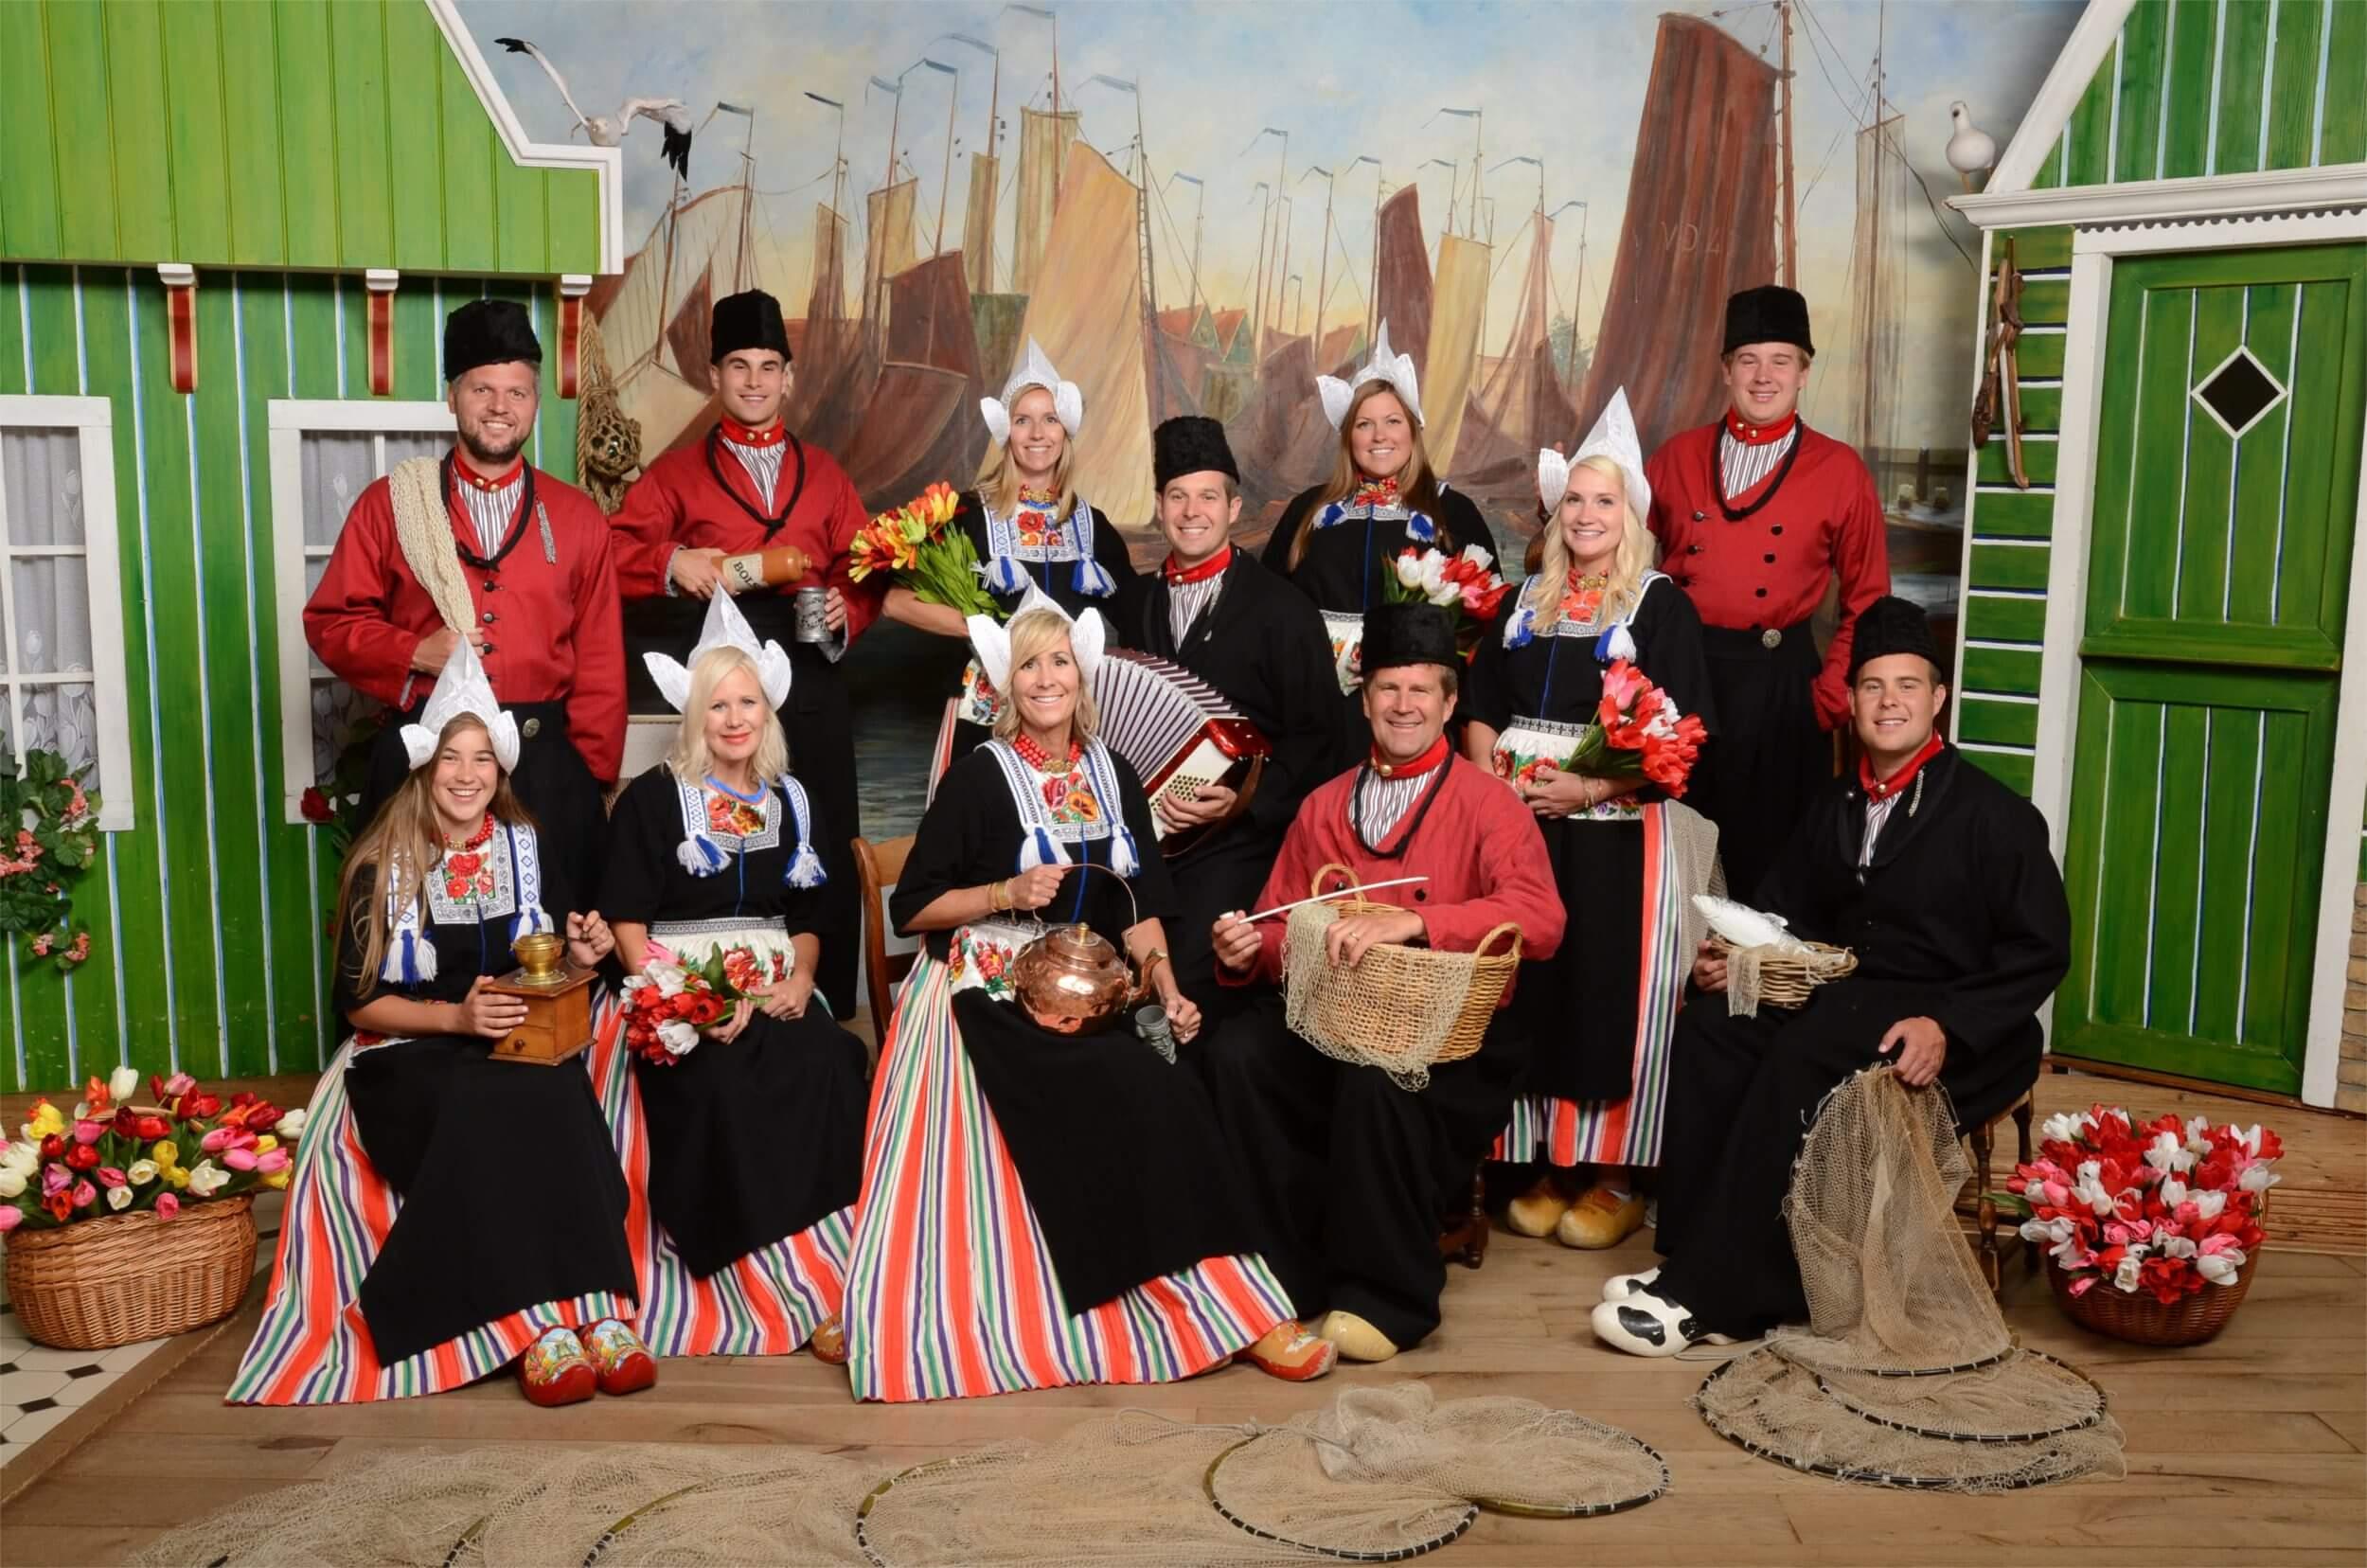 Nieuw Foto Zwarthoed | Volendamse klederdracht — Fotograaf Zwarthoed UU-66